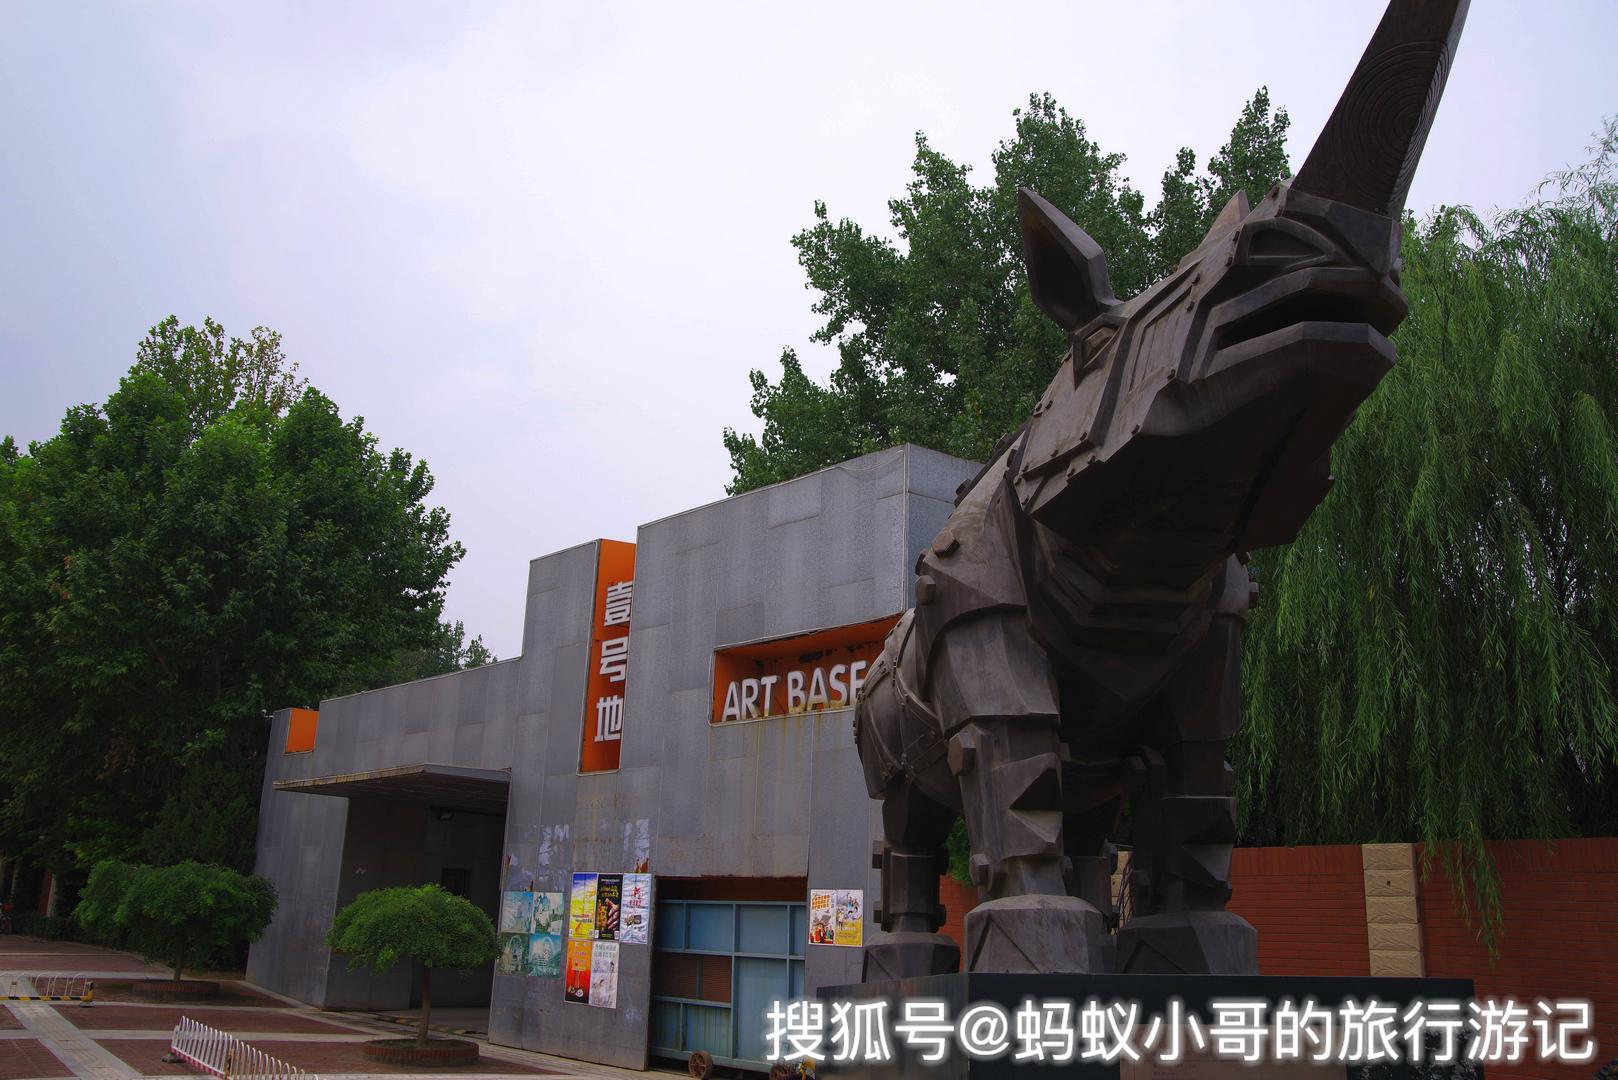 北京一号地国际艺术区 闲走北京